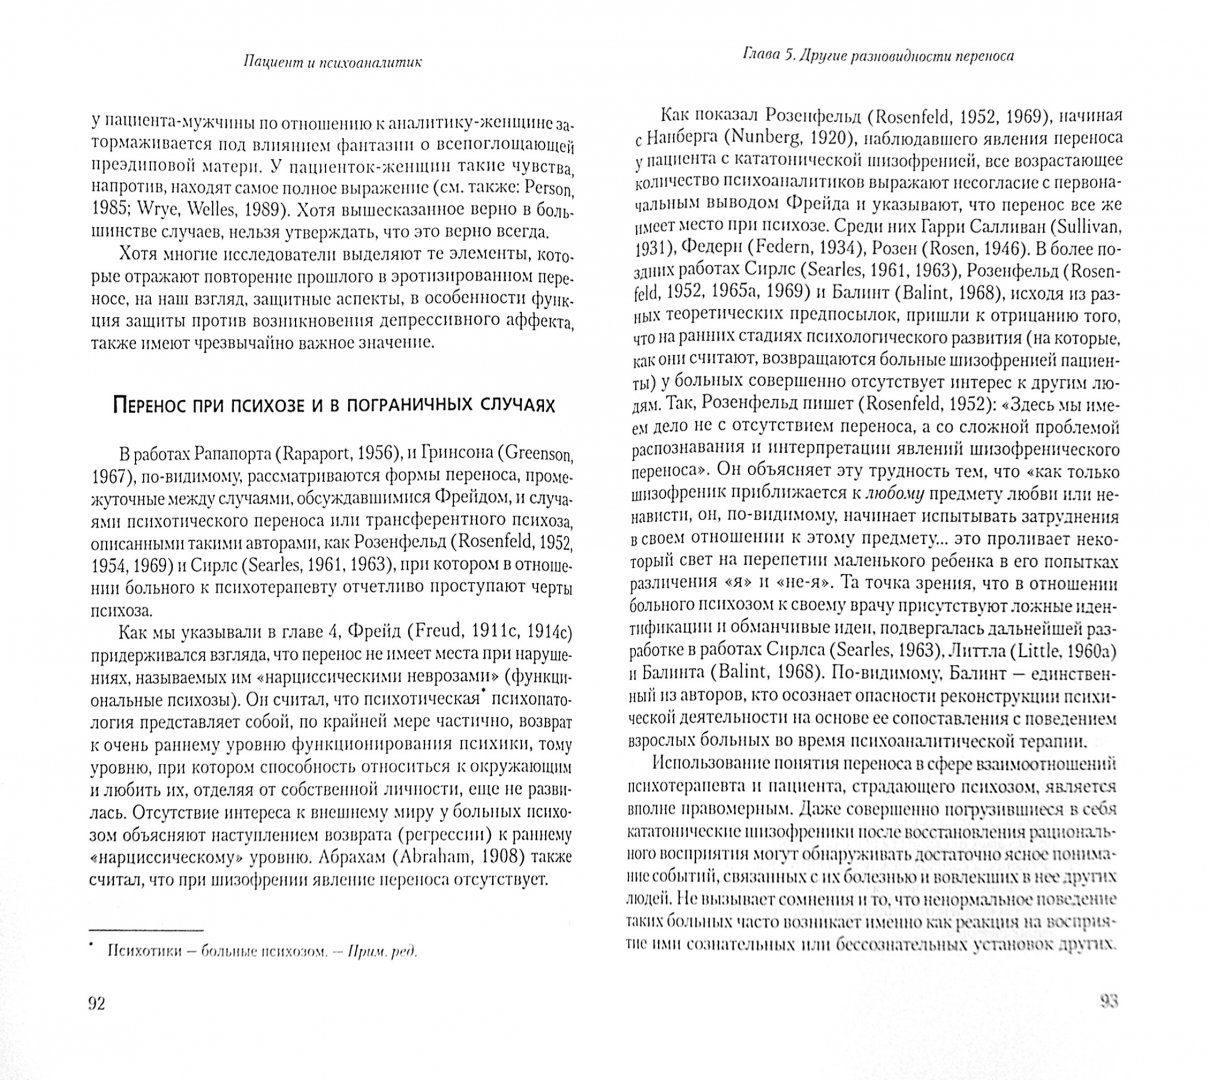 Иллюстрация 1 из 10 для Пациент и психоаналитик. Основы психоаналитического процесса - Сандлер, Дэр, Холдер | Лабиринт - книги. Источник: Лабиринт